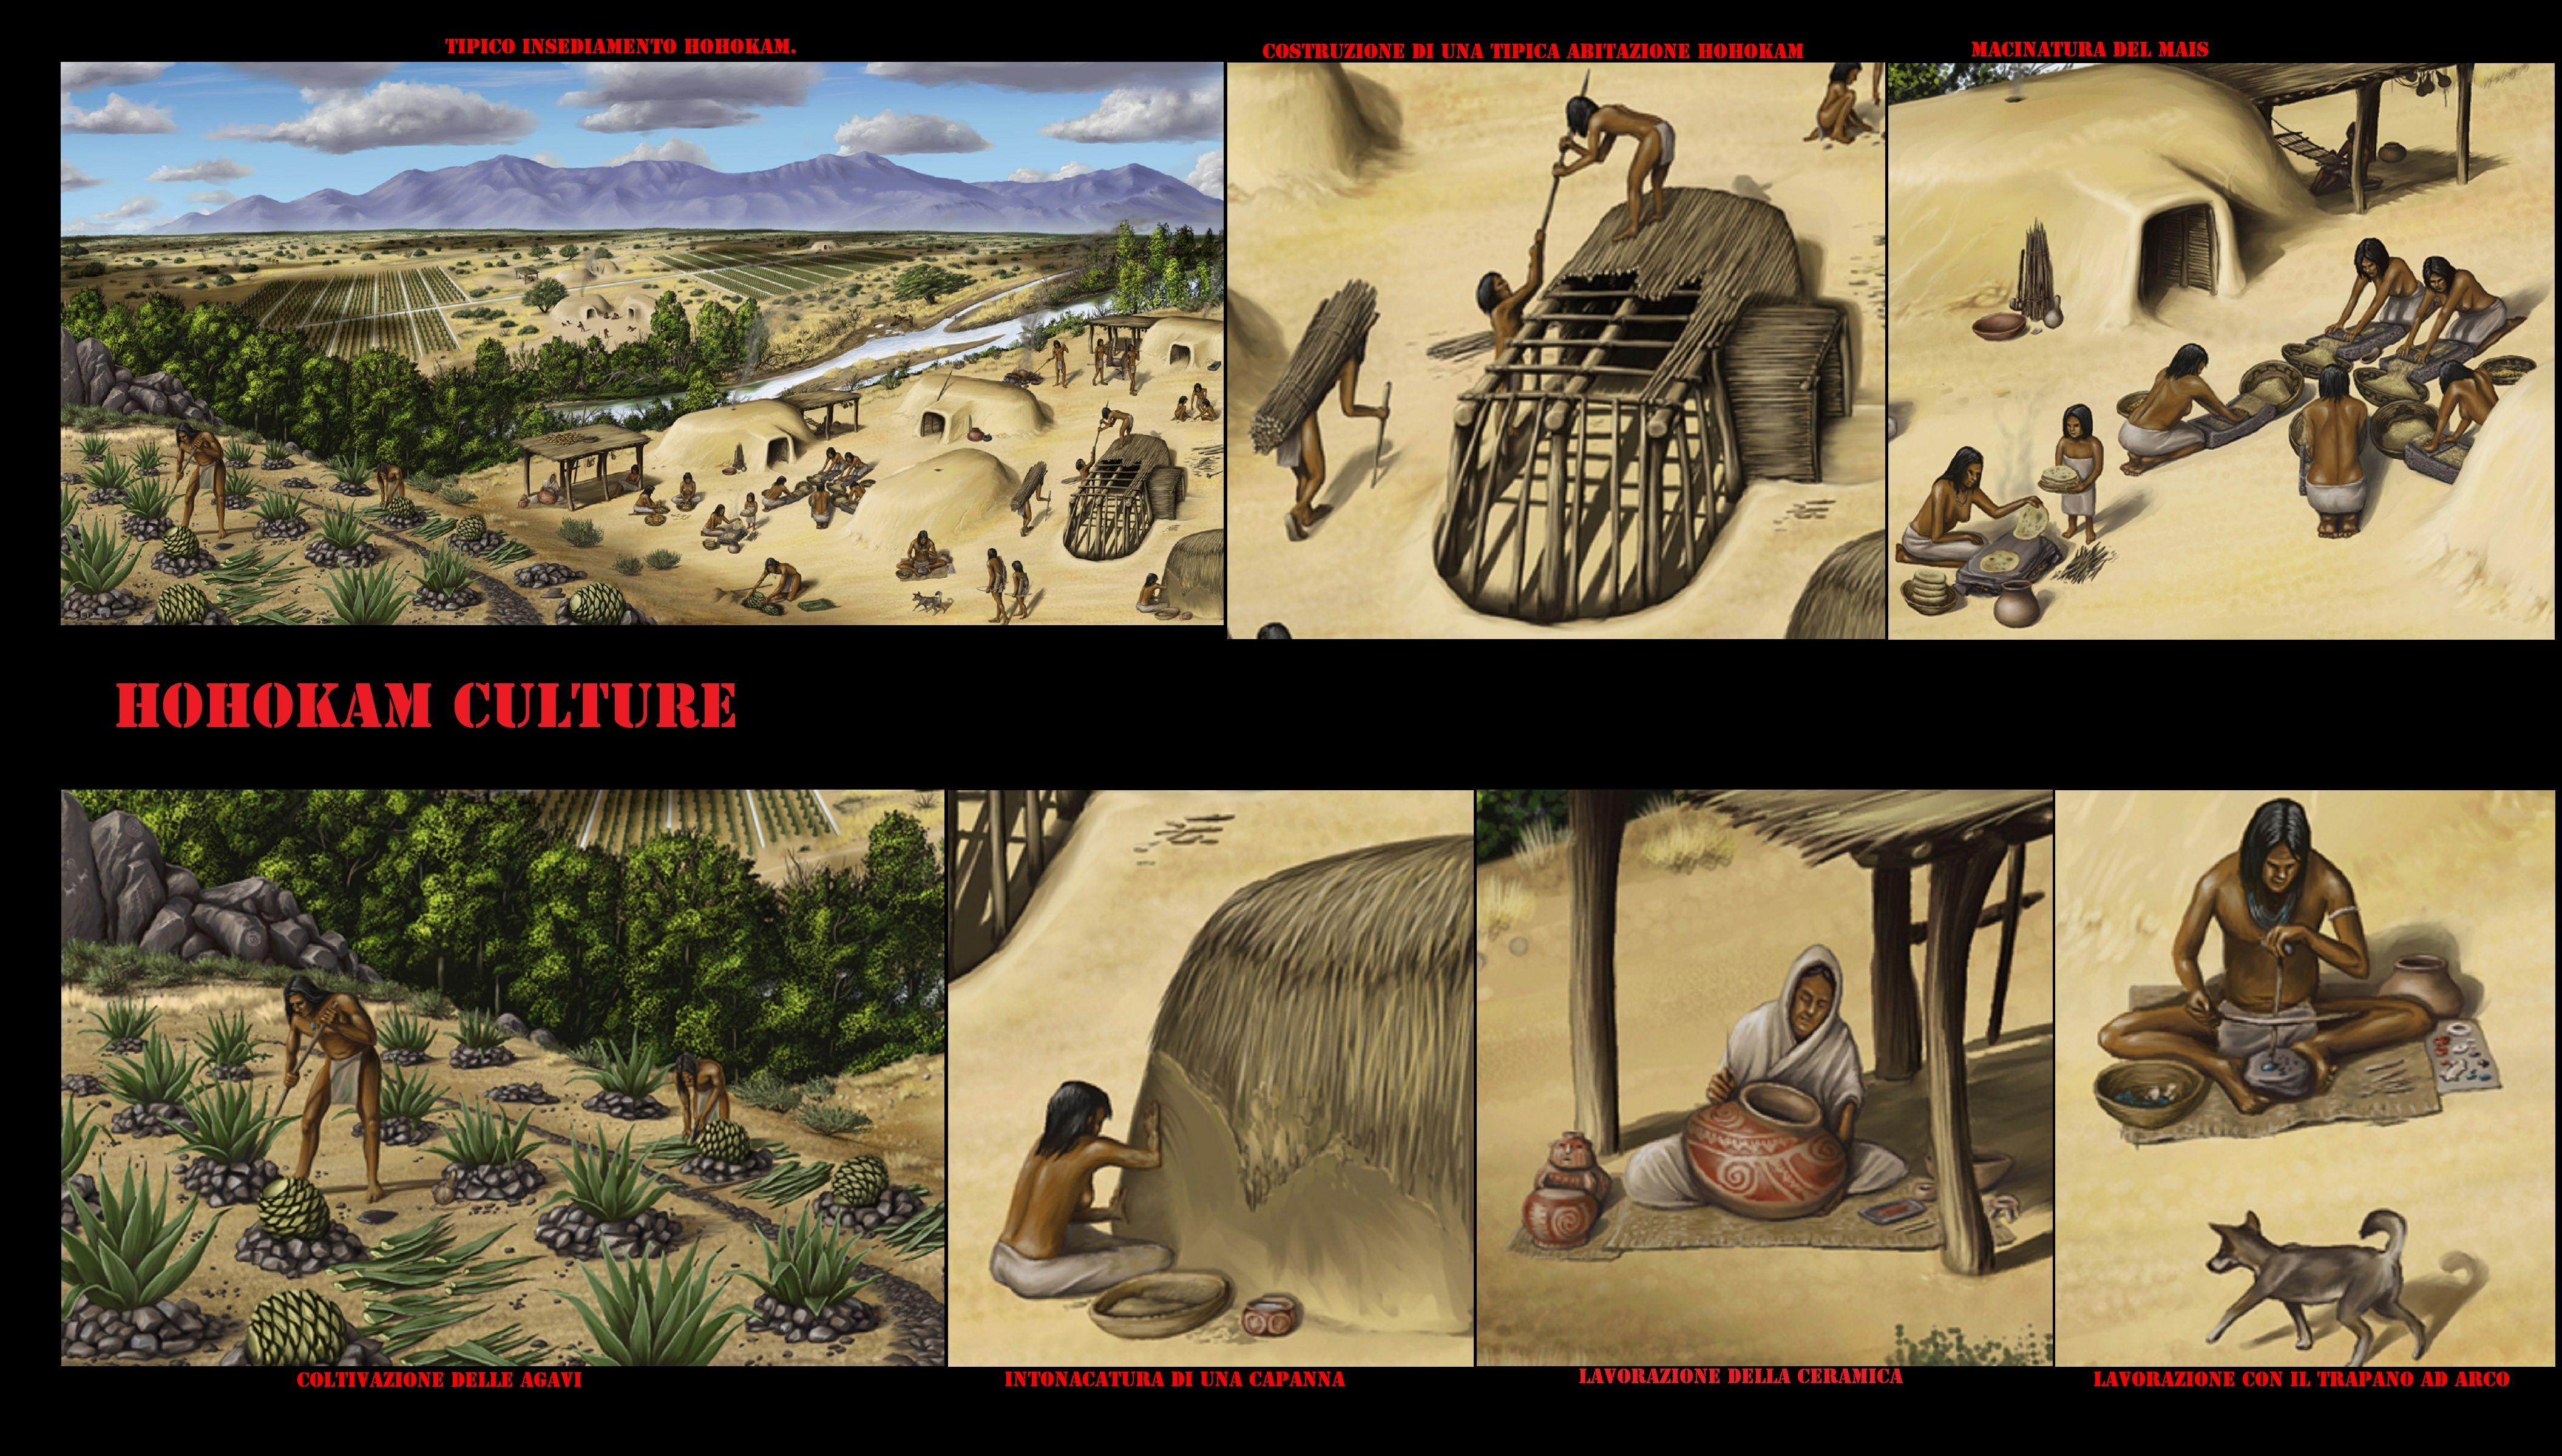 Hohokam è una delle tradizioni archeologiche preistoriche del Sudovest degli Stati Uniti. fra il VII ed il XIV sec. costruirono un'estesa rete di canali per irrigazione lungo il Salt River ed il Gila River. Coltivavano cotone, tabacco, mais, fagioli, zucche e agavi, nonché raccoglievano un vasto assortimento di piante selvatiche. Tutto questo fornì la base per la nascita di centri urbani stabili in un ambiente desertico tutt'altro che ospitale.